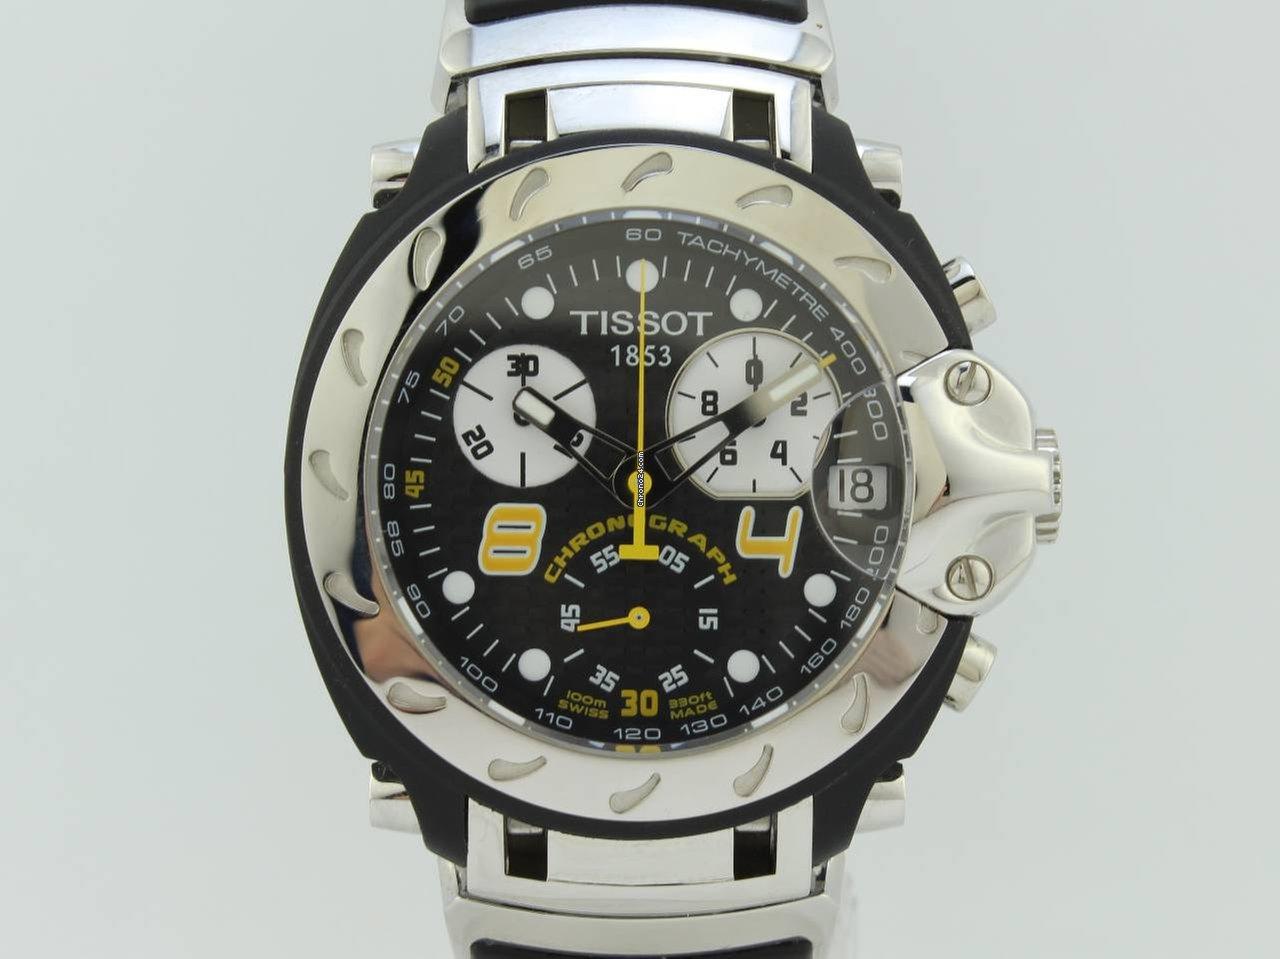 8271b6334e0 Tissot T-Race - Todos os preços de relógios Tissot T-Race na Chrono24